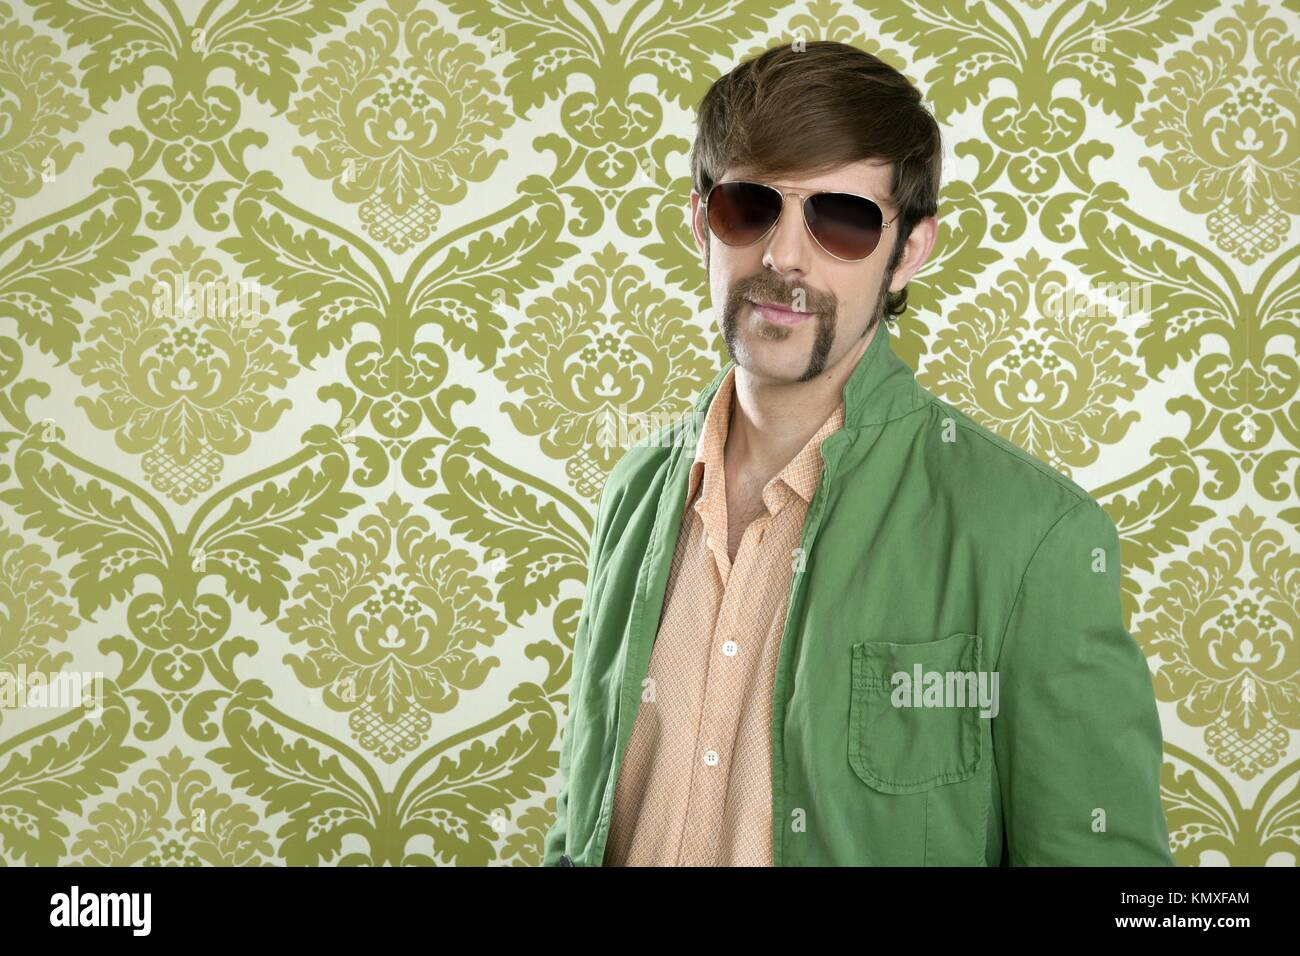 26ea7da652e geek retro salesperson man funny mustache sunglasses in green wallpaper -  Stock Image